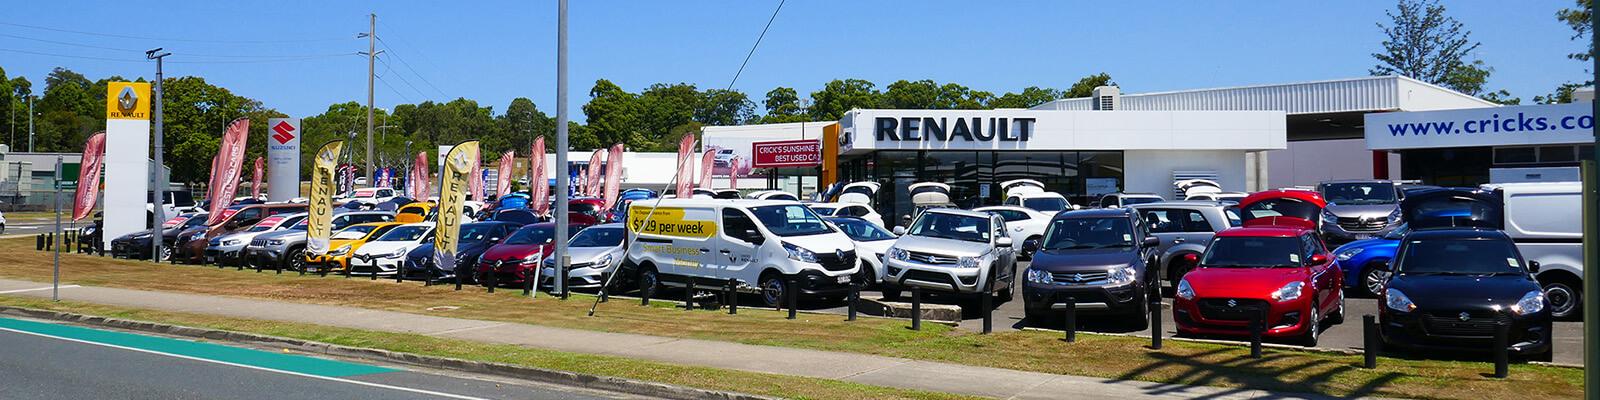 Cricks Maroochydore Renault